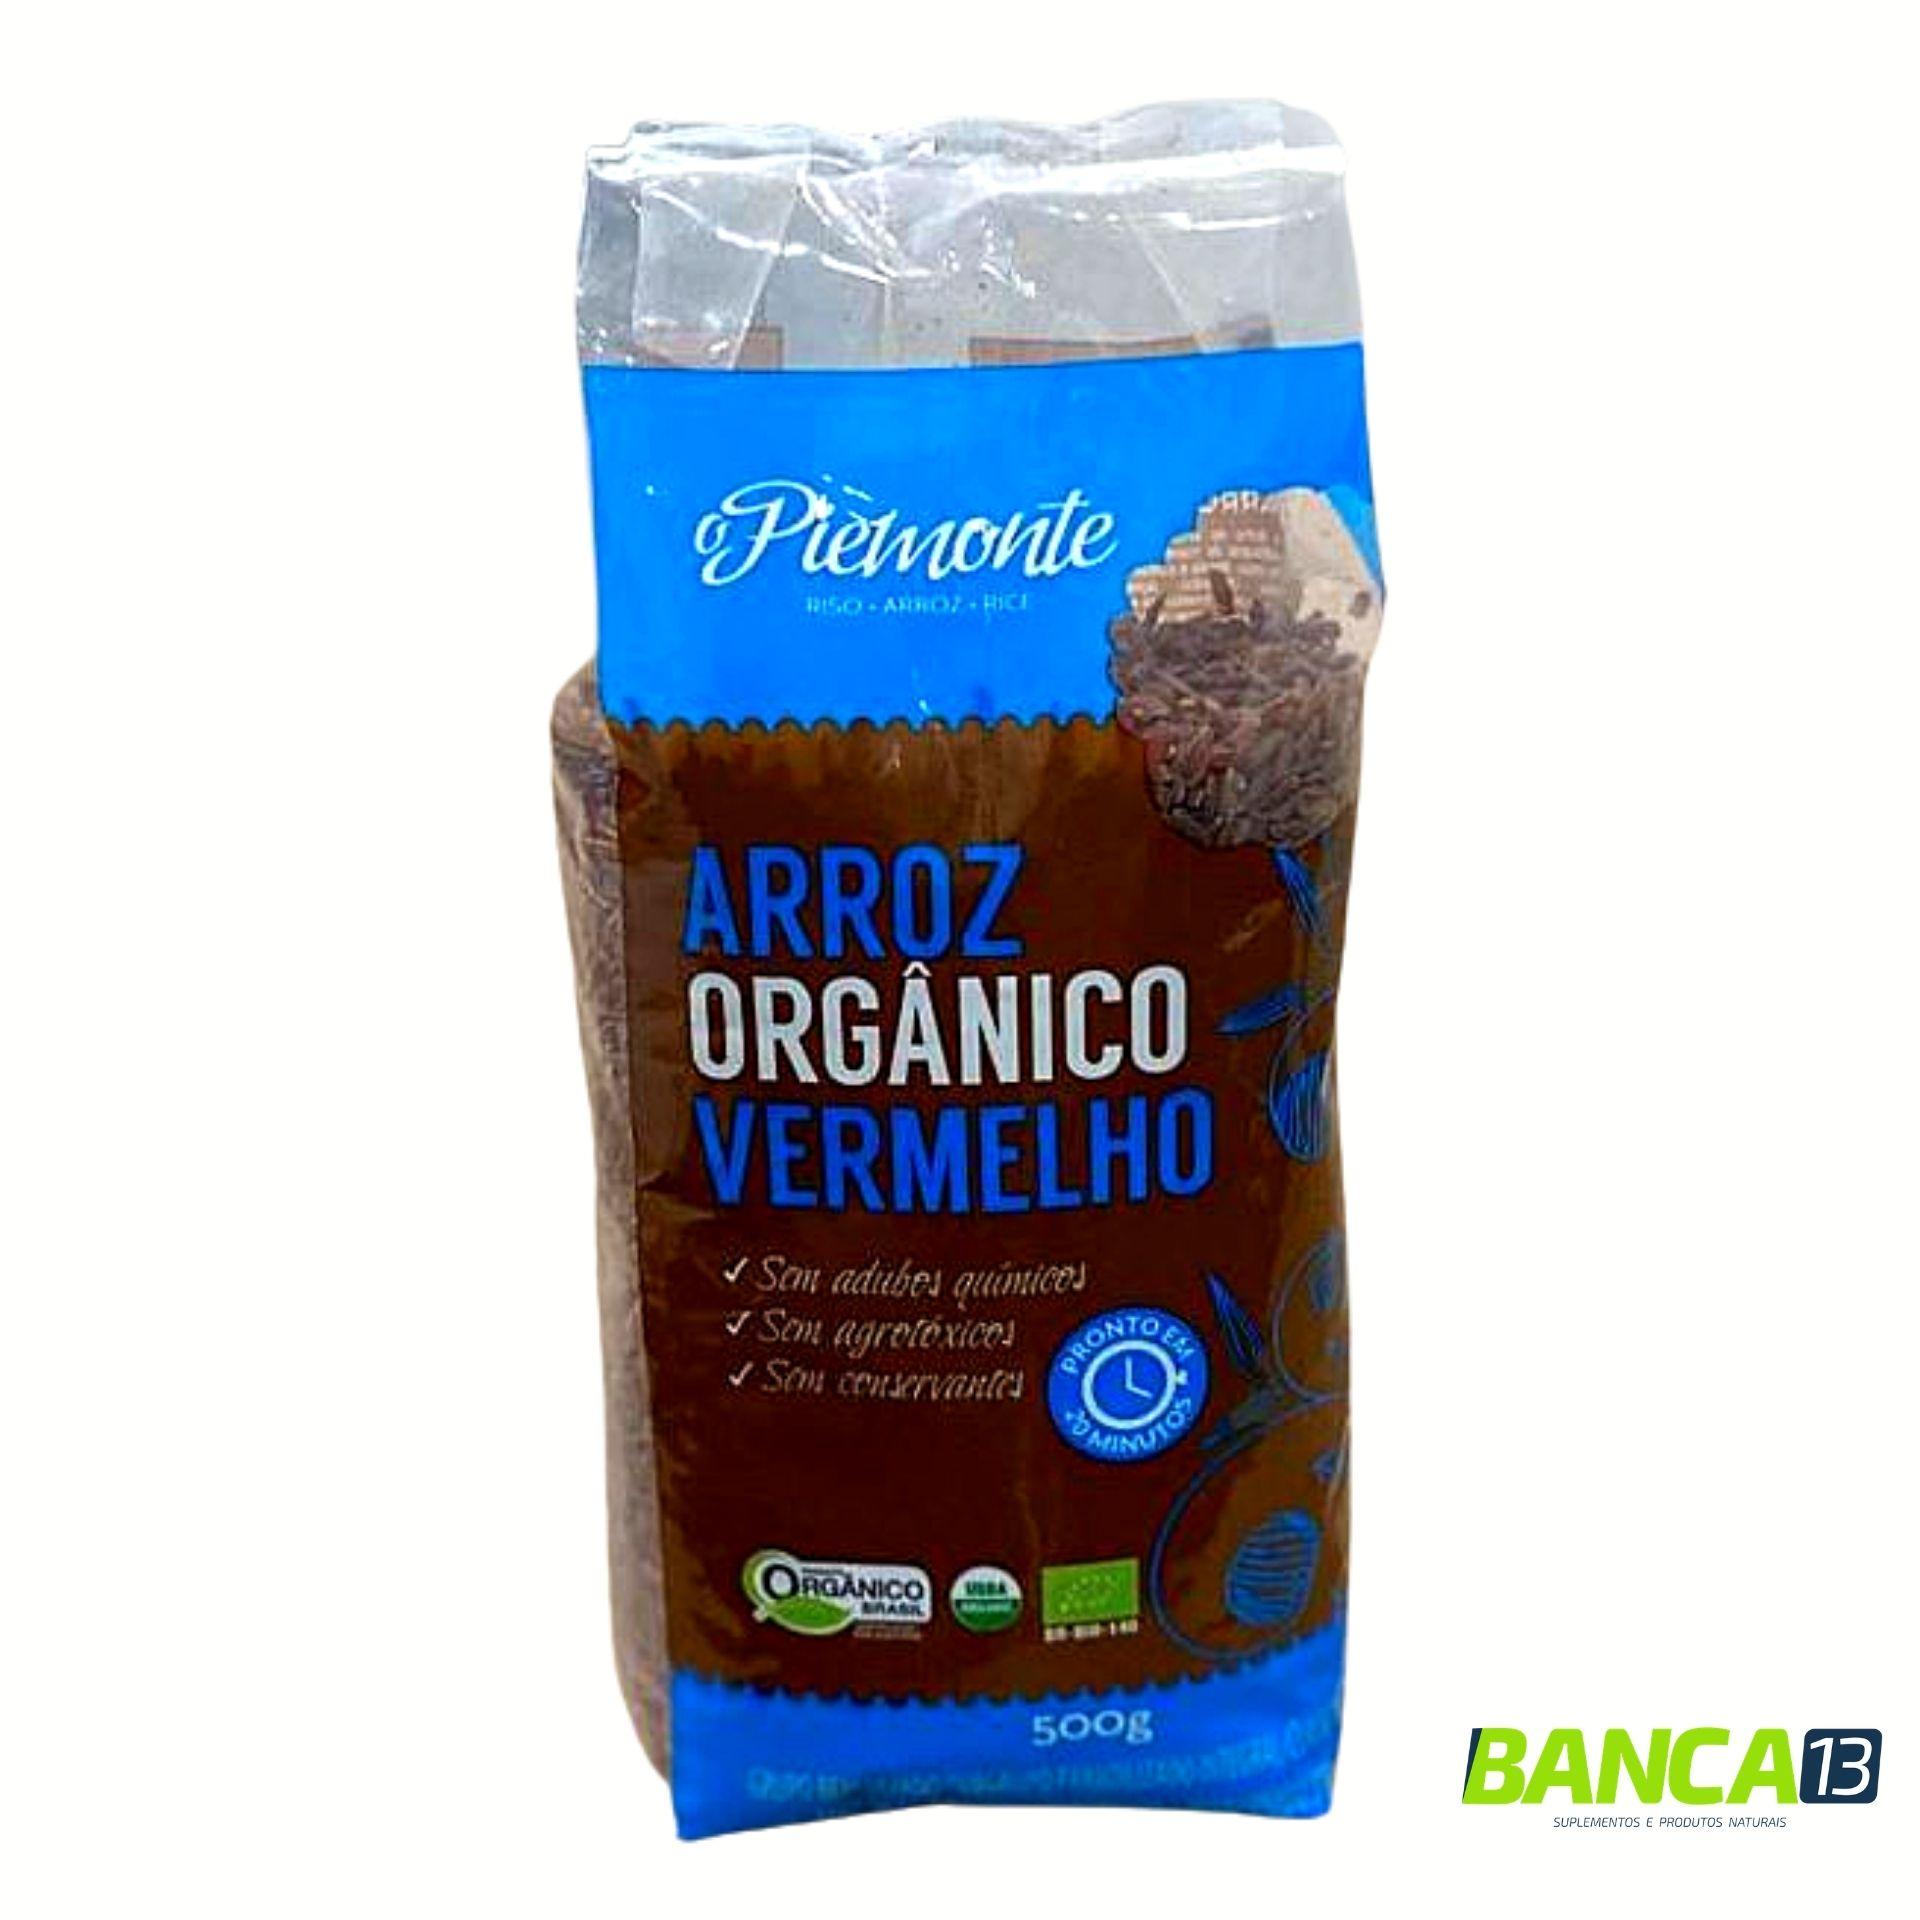 ARROZ ORGÂNICO VERMELHO 500G - PIEMONTE